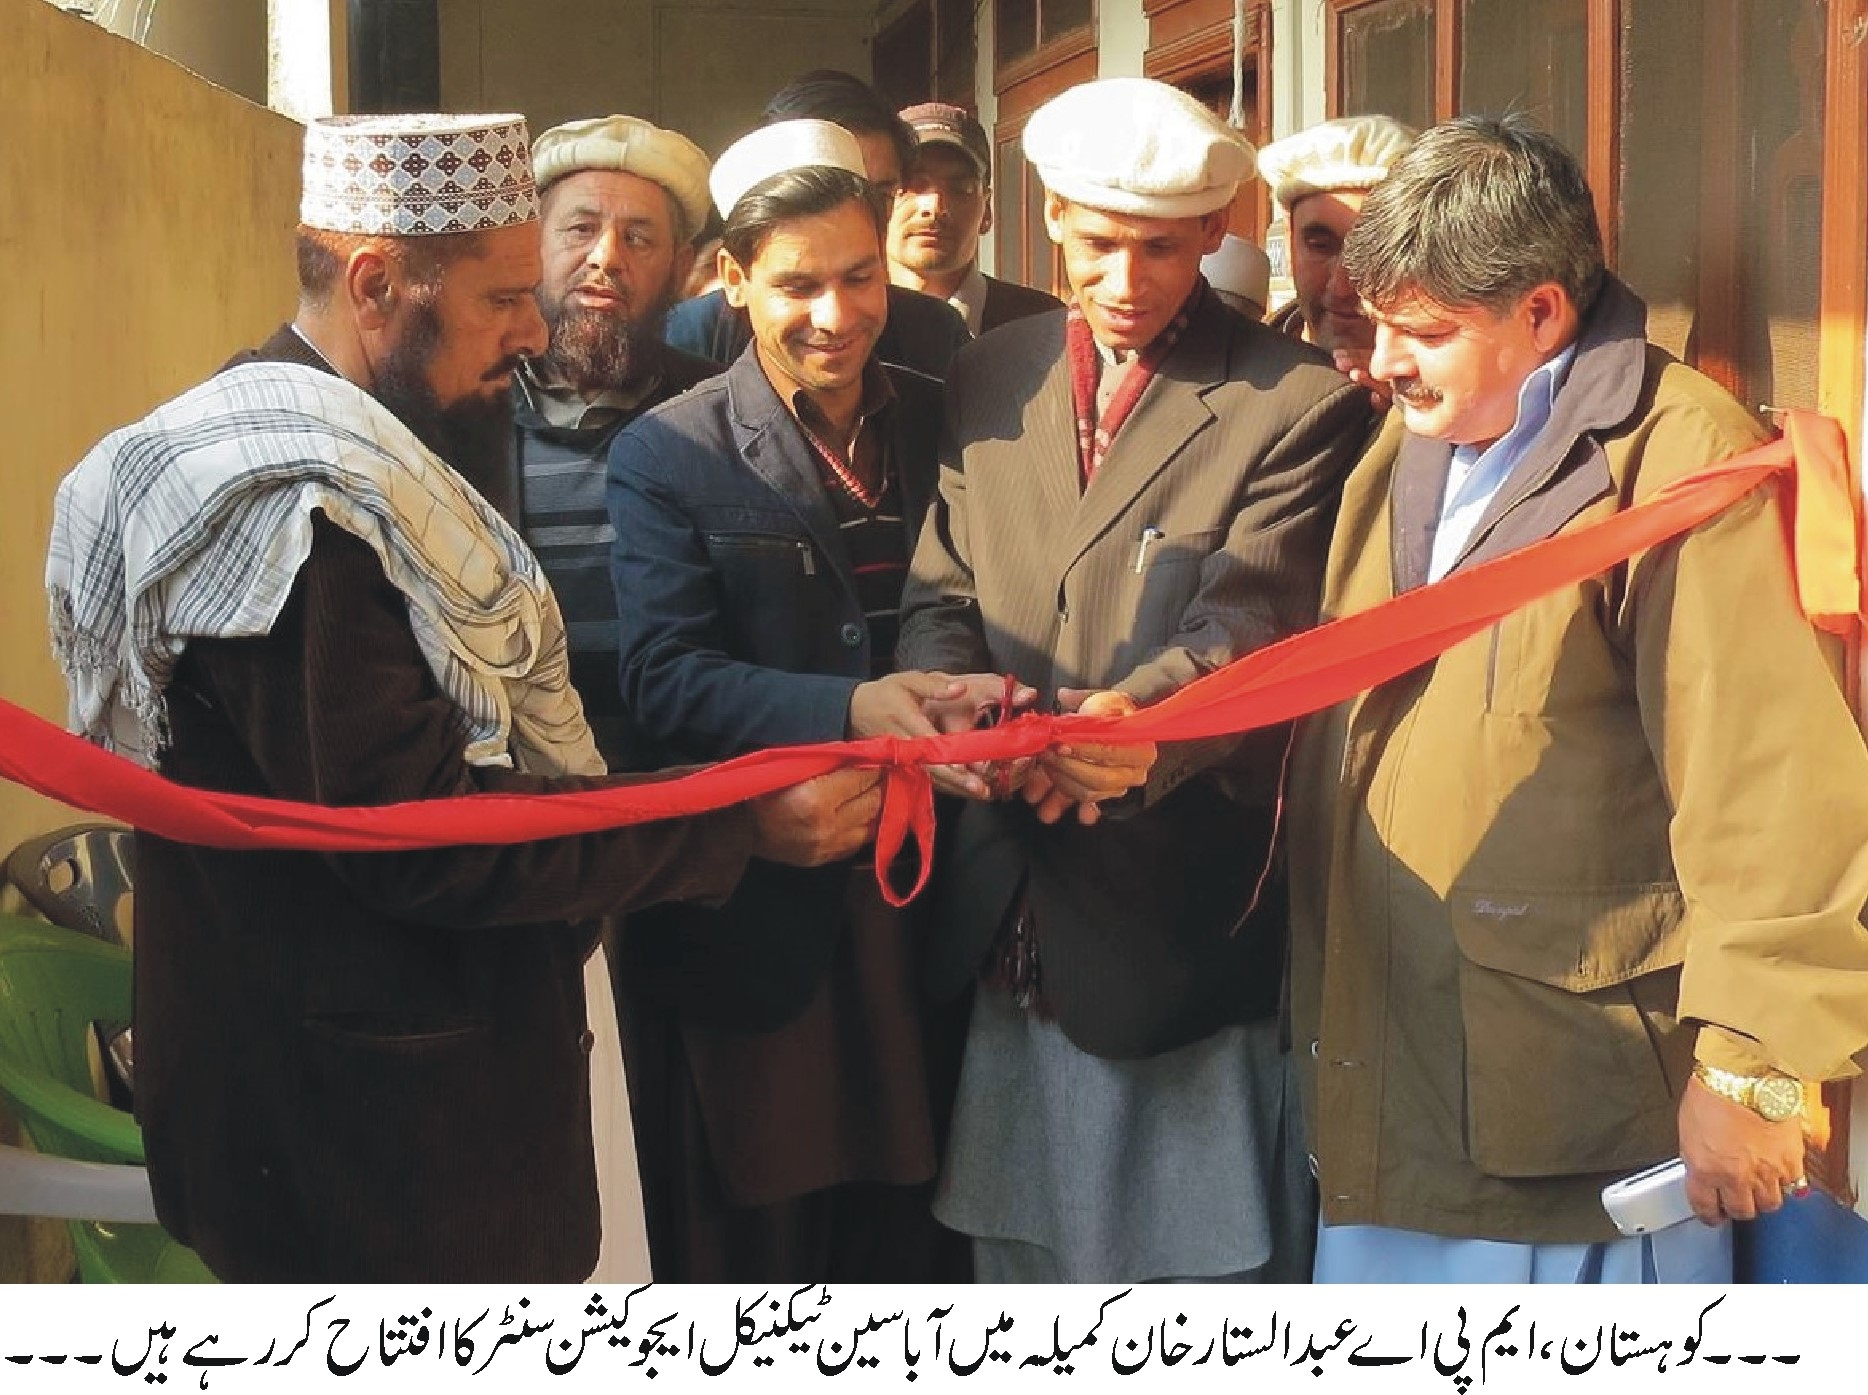 سودی کاروبار کرنے والوں کے خلاف سختی سے نمٹا جائے, ایم پی اے عبدالستار کی کوہستان انتظامیہ کو ہدایت